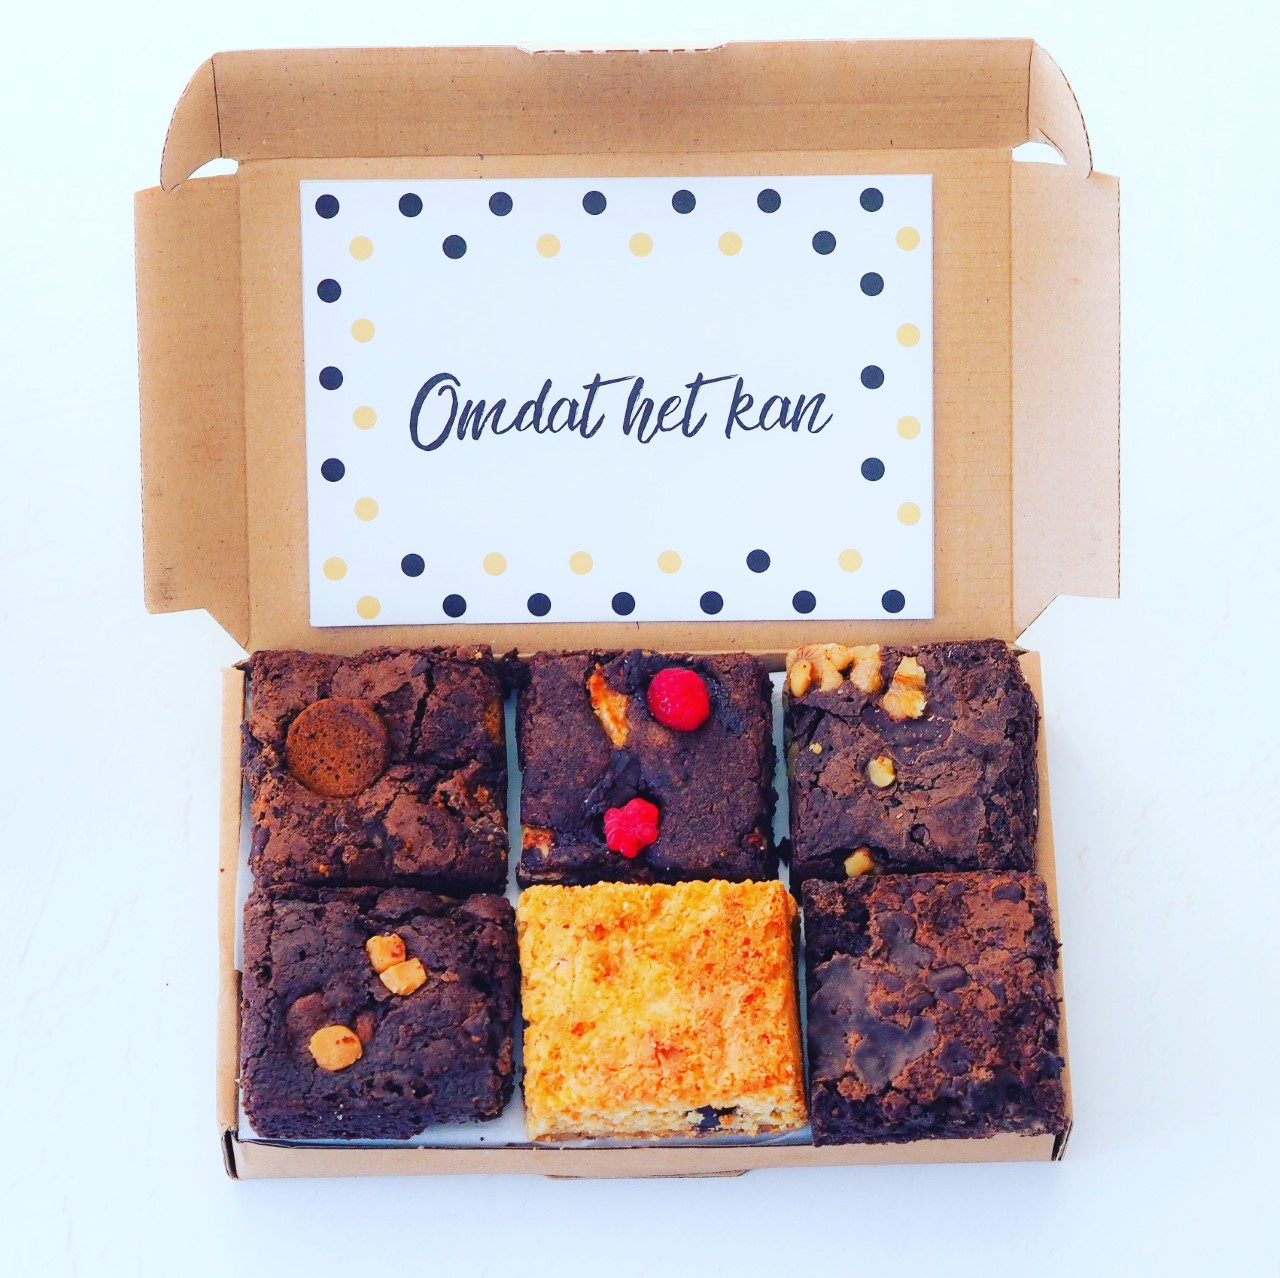 Brownies per post bestellen by Hello Brownies